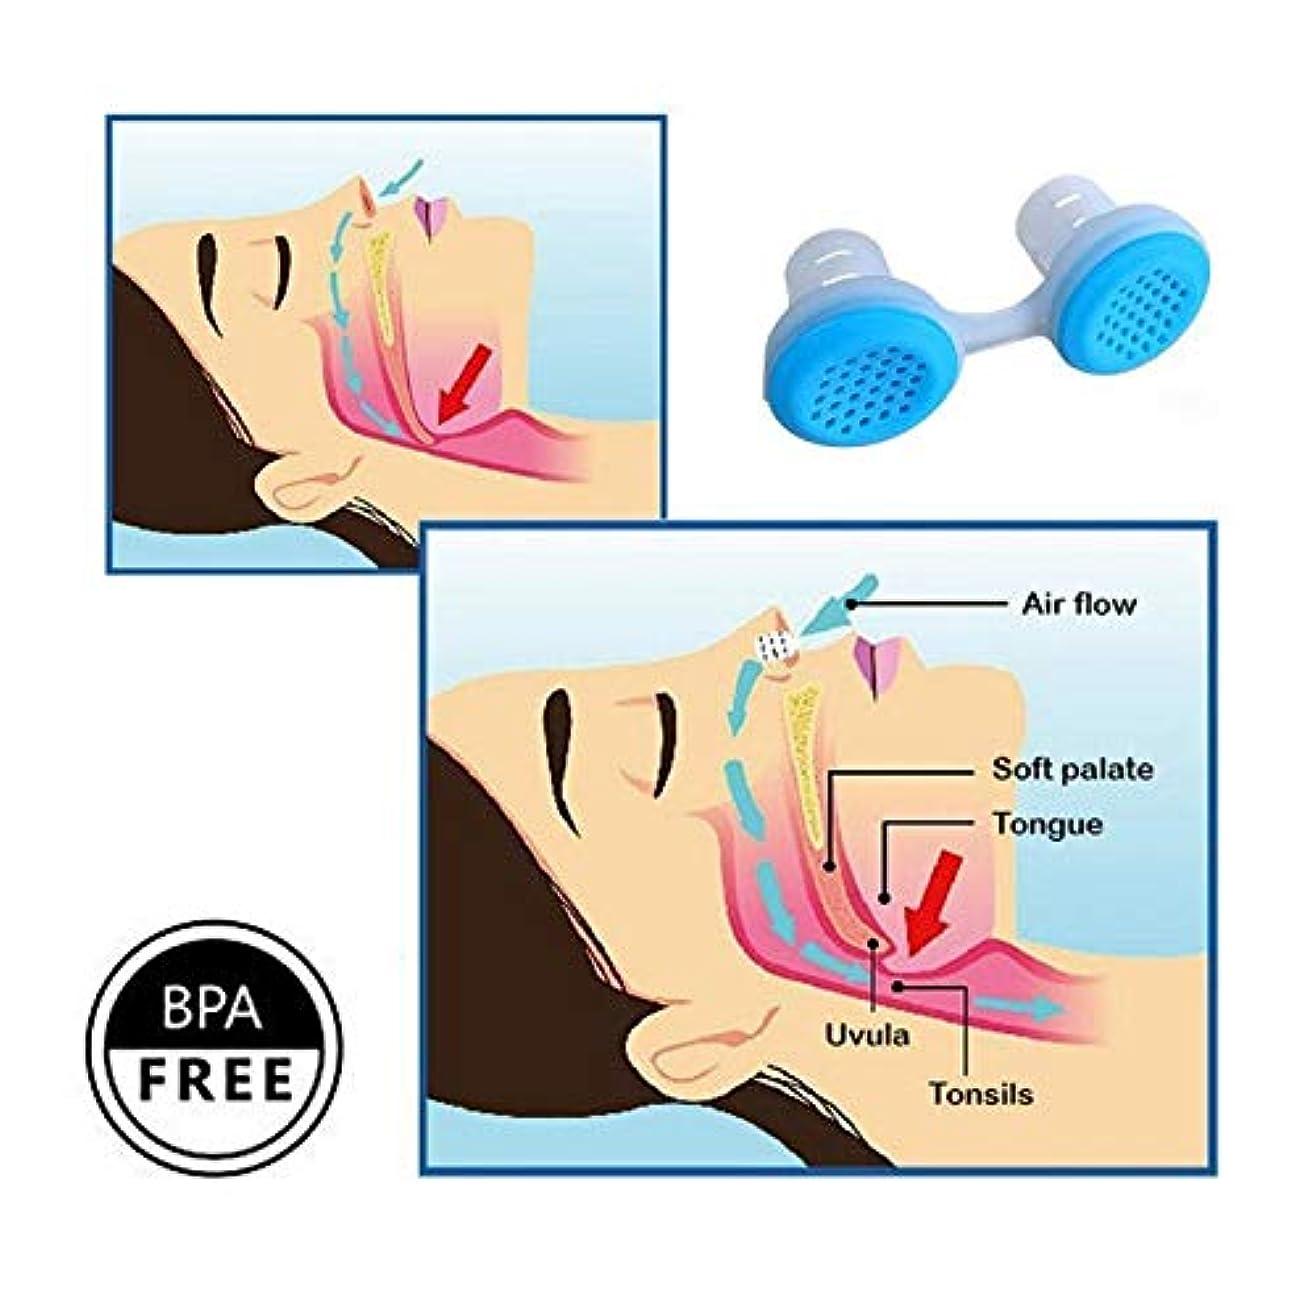 体操選手かもしれないに応じてNOTE 新しい安心いびき鼻いびき停止呼吸装置ガード睡眠補助ミニいびき装置アンチいびきシリコーンU3